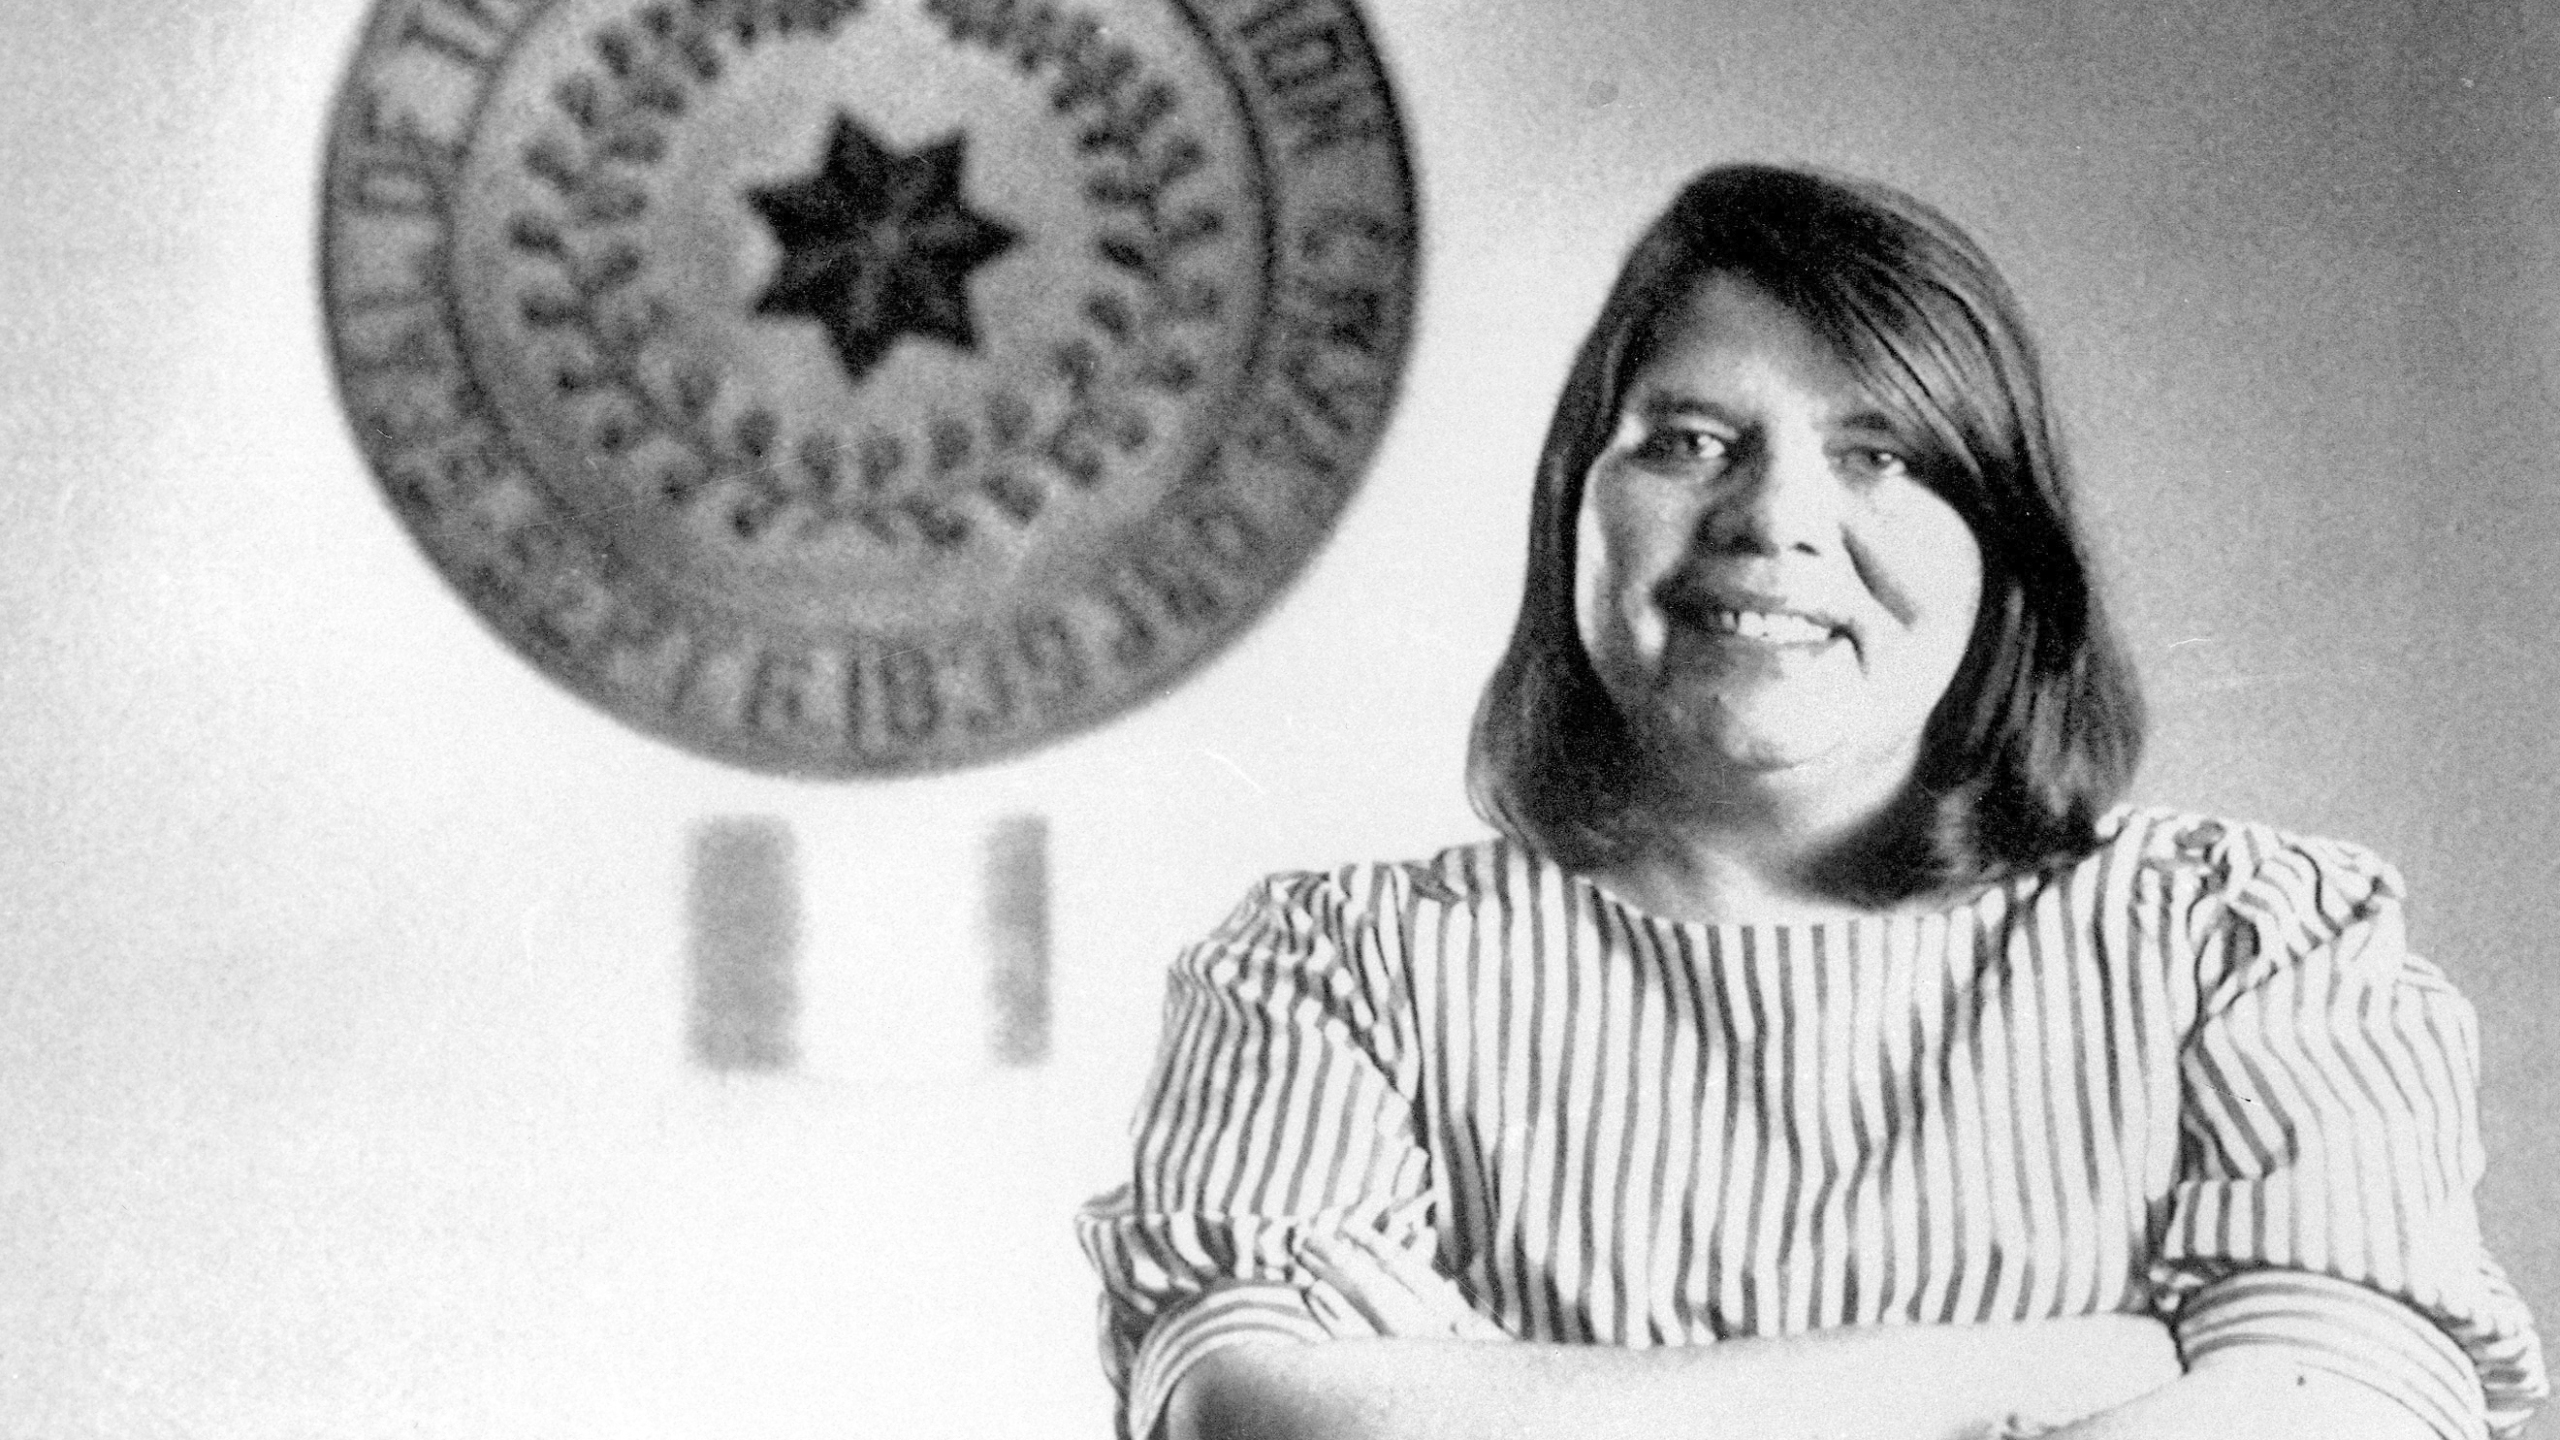 Wilma Mankiller